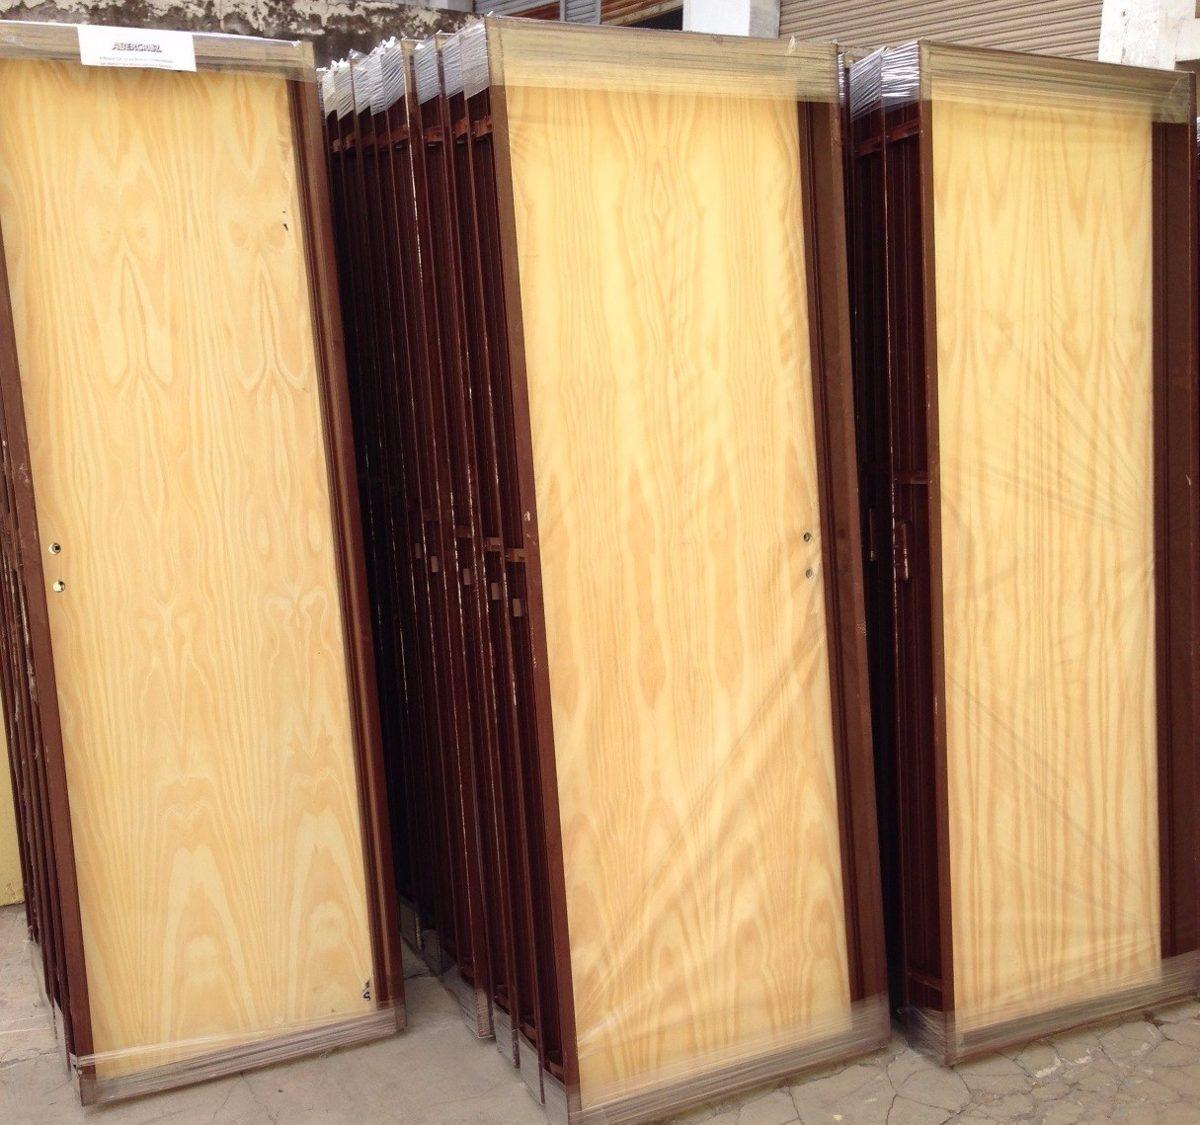 Puertas de madera de pino puertas castalla pino oregn with puertas de madera de pino latest - Puertas color pino ...